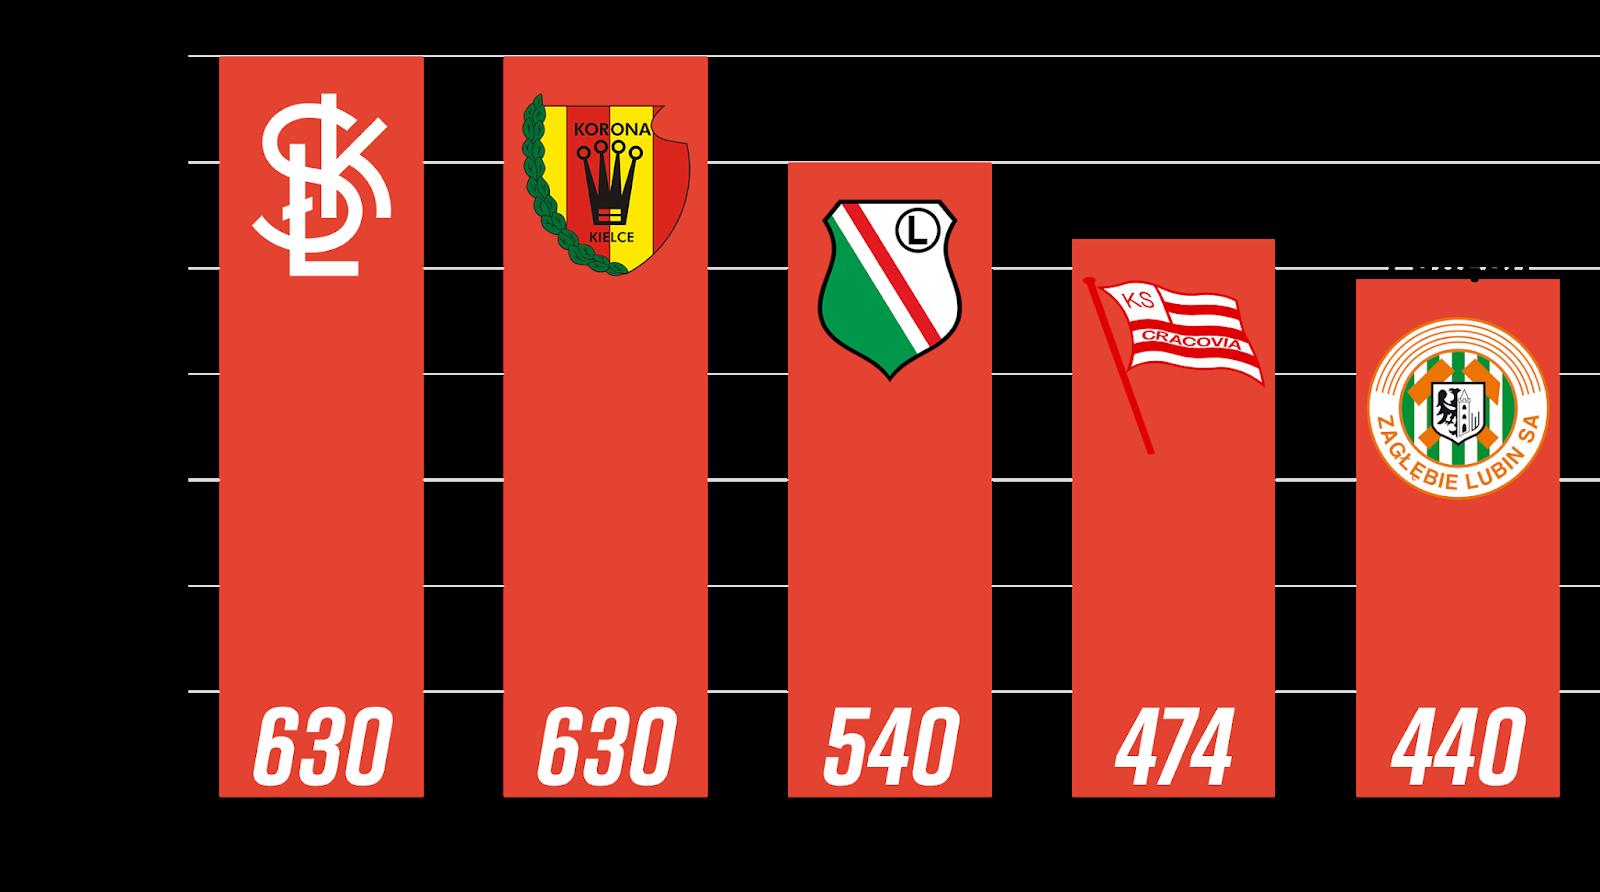 Najwięcej rozegranych minut przez młodzieżowców z rocznika 1999 i młodsi po 7. kolejce PKO Ekstraklasy<br><br>Źródło: Opracowanie własne na podstawie ekstrastats.pl<br><br>graf. Bartosz Urban